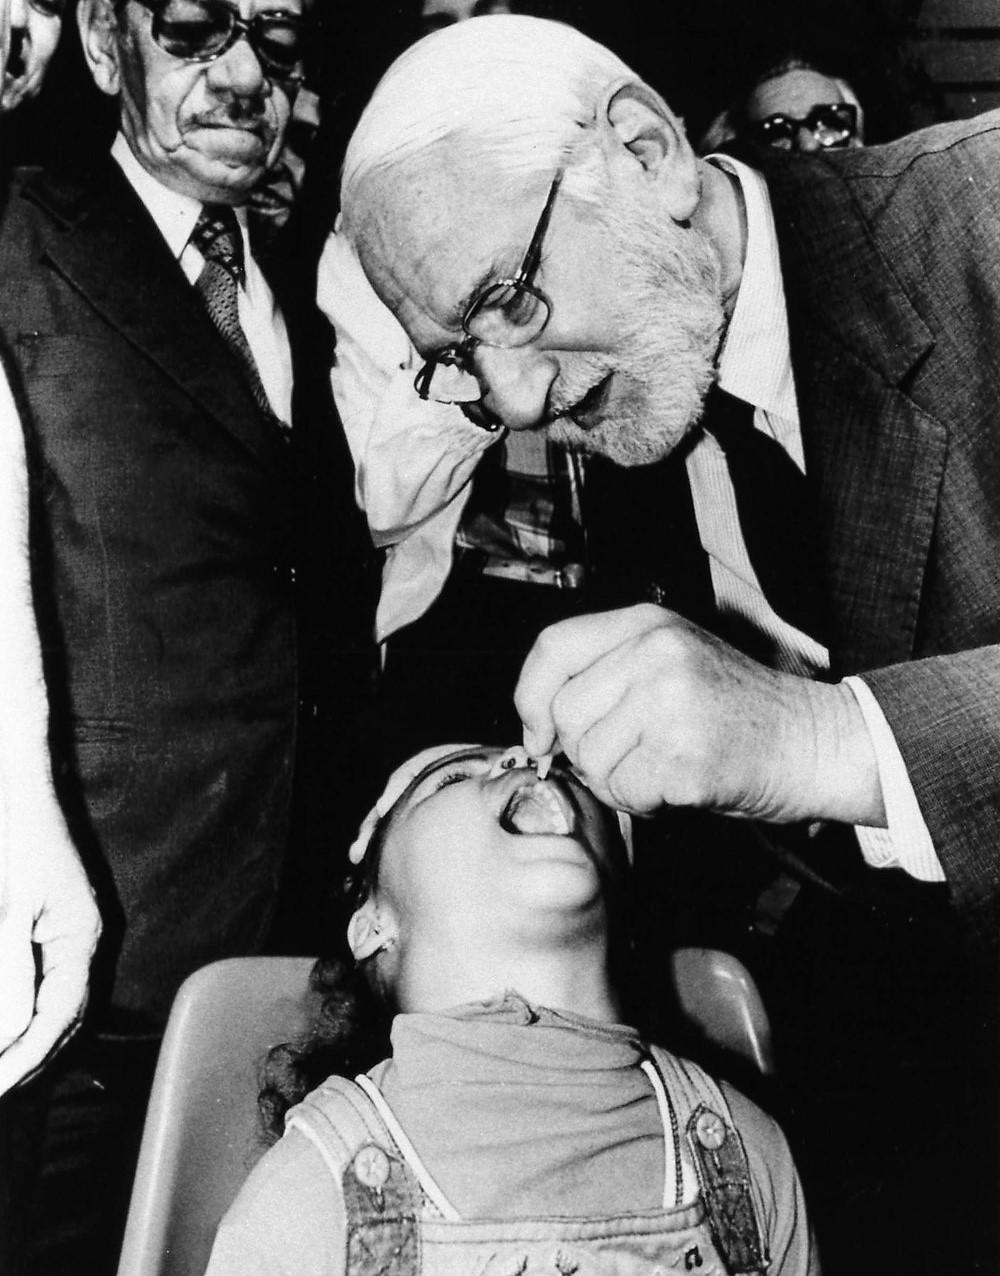 Scatti dal passato della medicina: la poliomielite - La Medicina in uno  Scatto